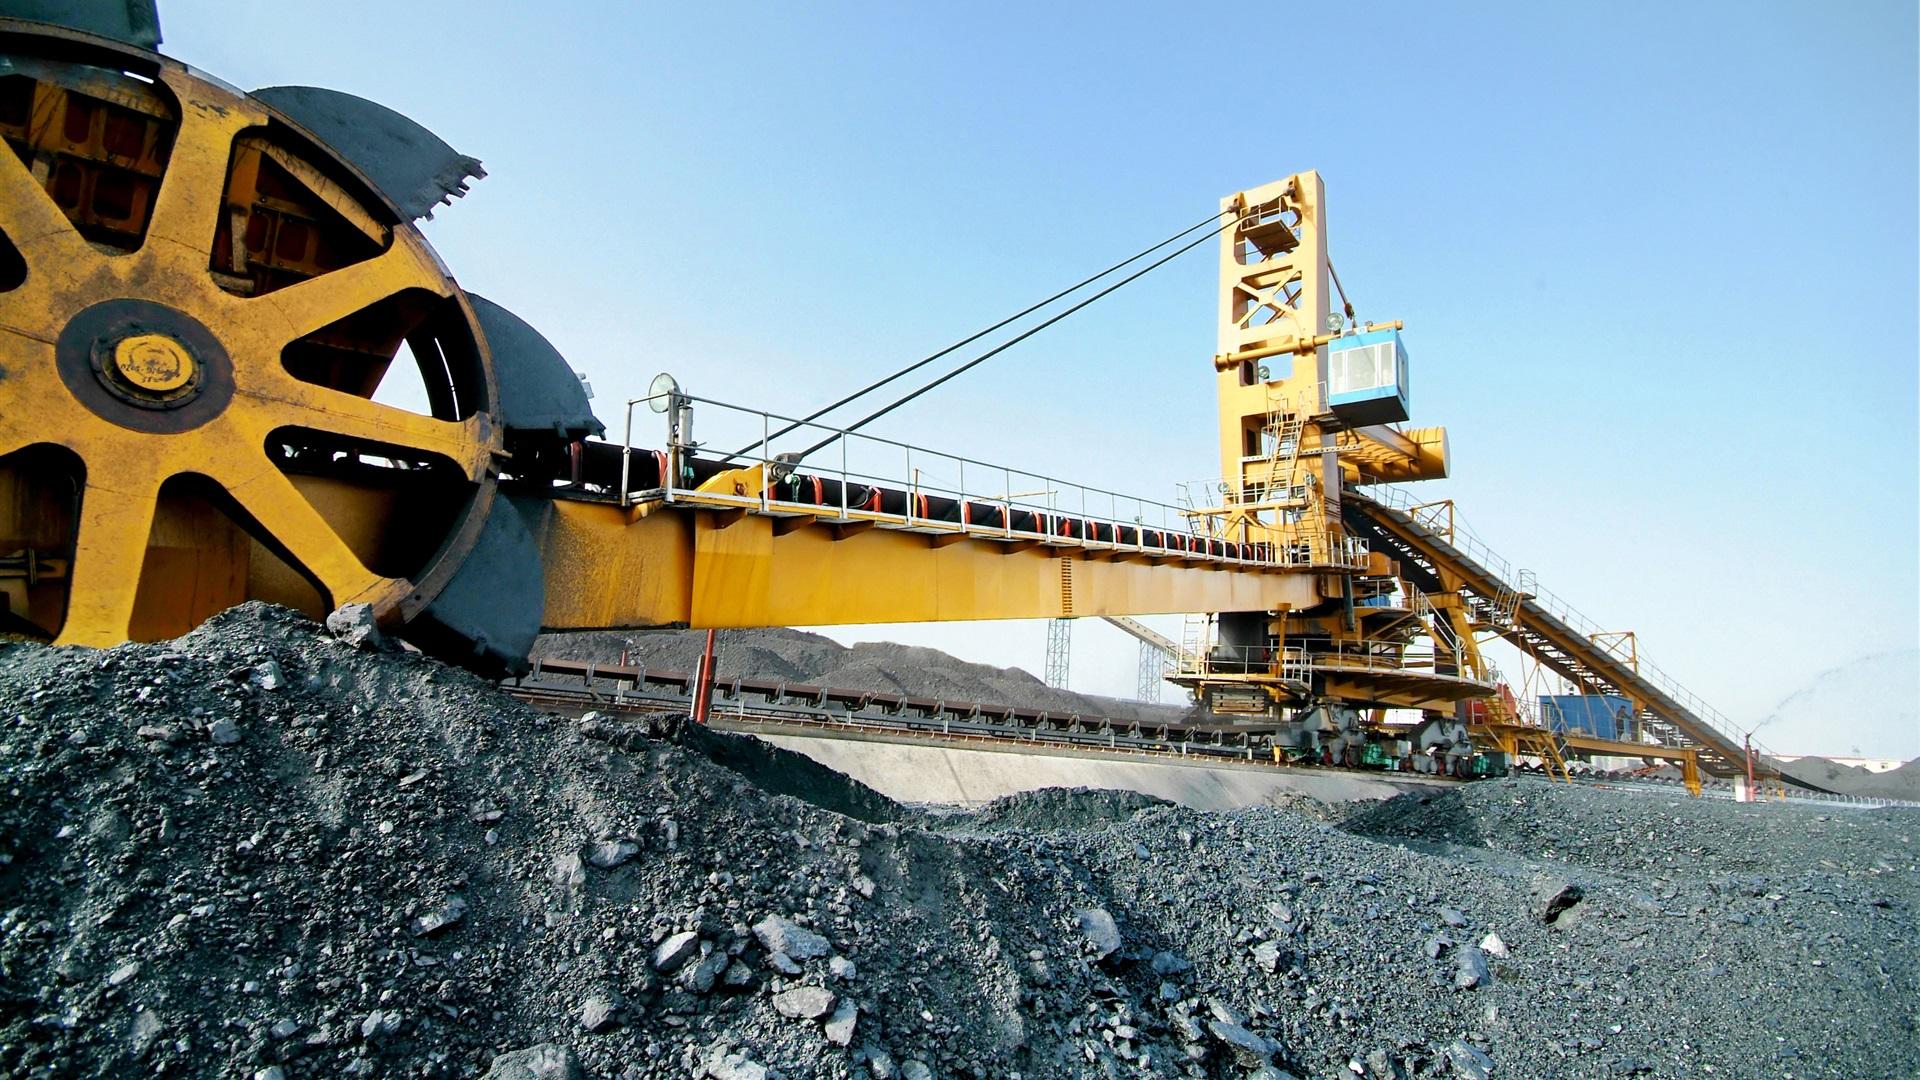 Pap is de parede engenharia transportadora minera o m quina enorme 2880x1800 hd imagem - Mining images hd ...